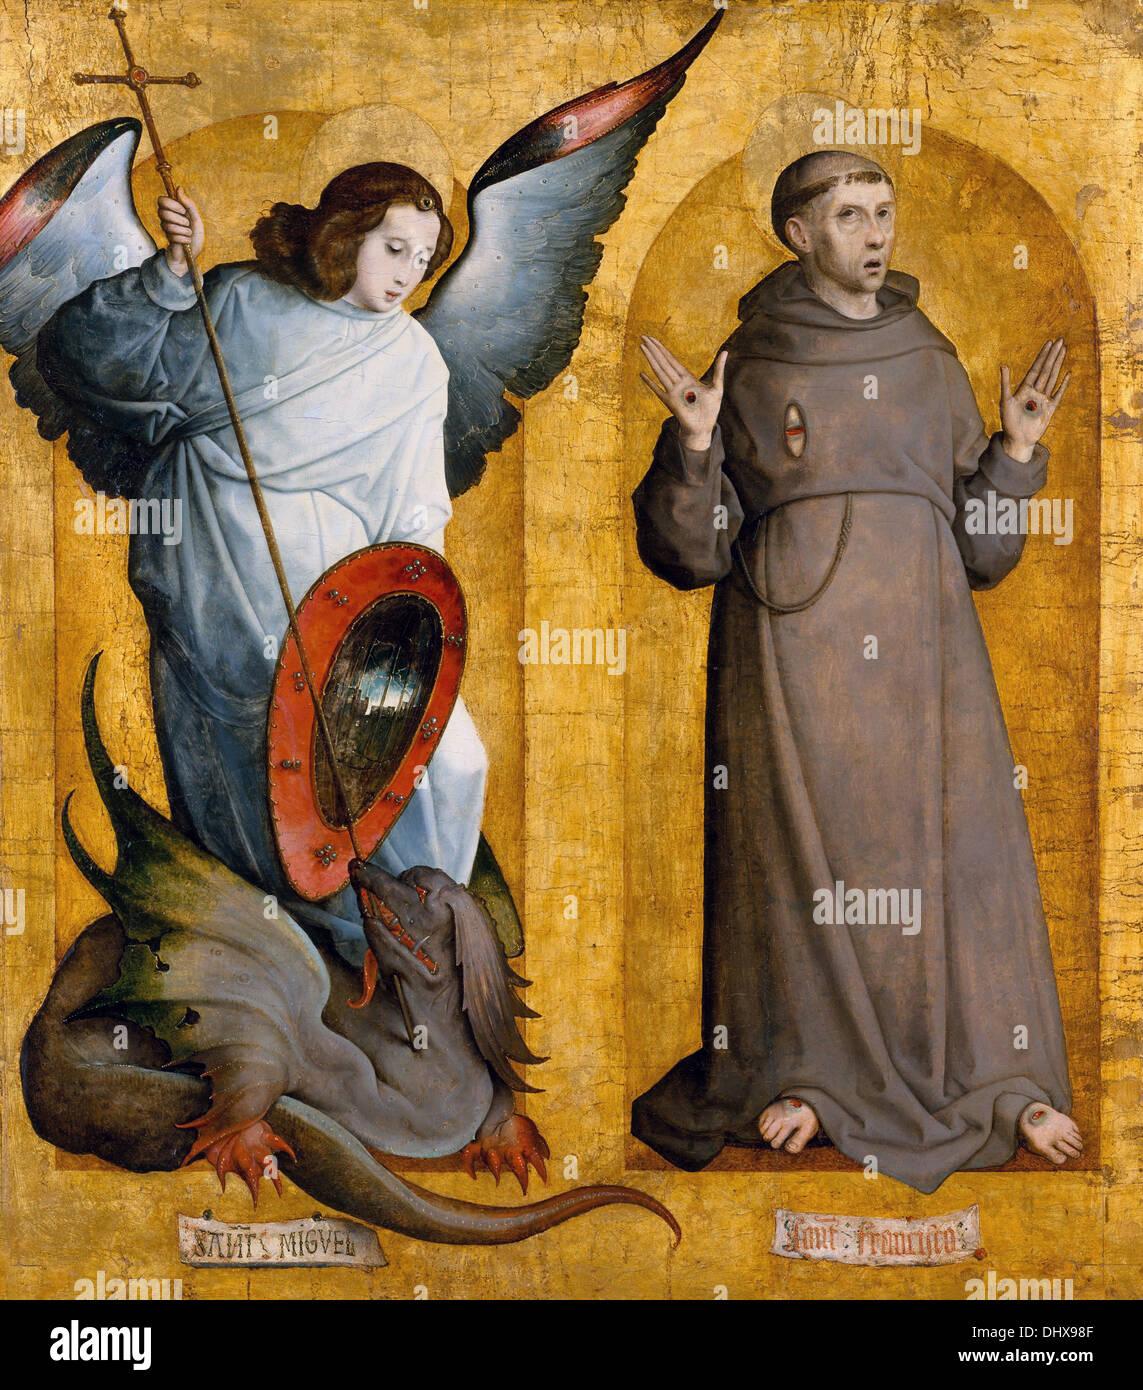 Saints Michael and Francis  - by Juan de Flandes, 1509 - Stock Image